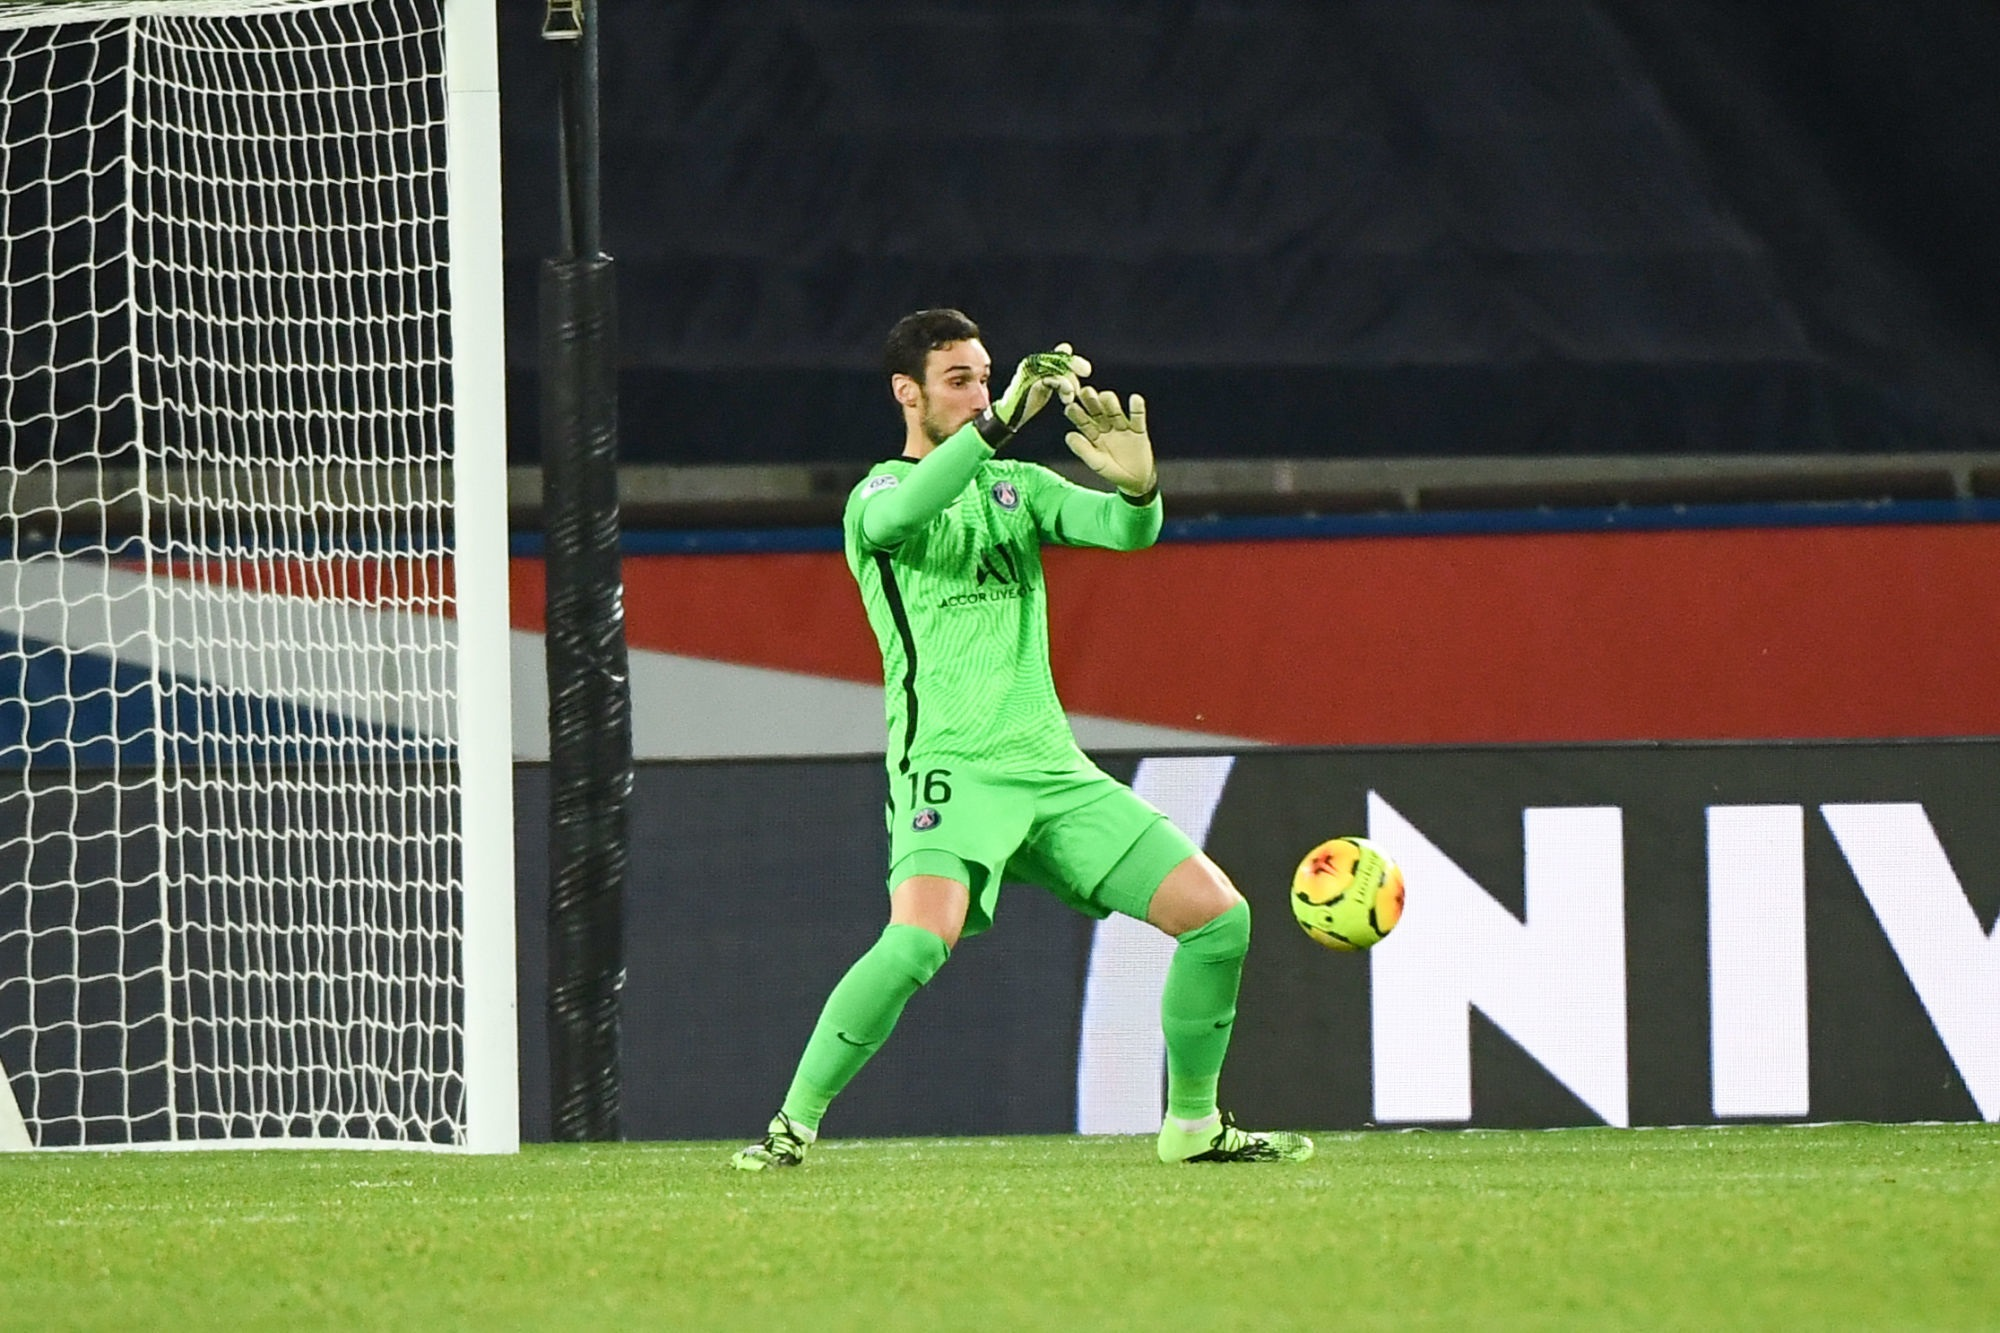 PSG/Lorient - Rico souligne l'importance de la victoire et savoure le clean-sheet